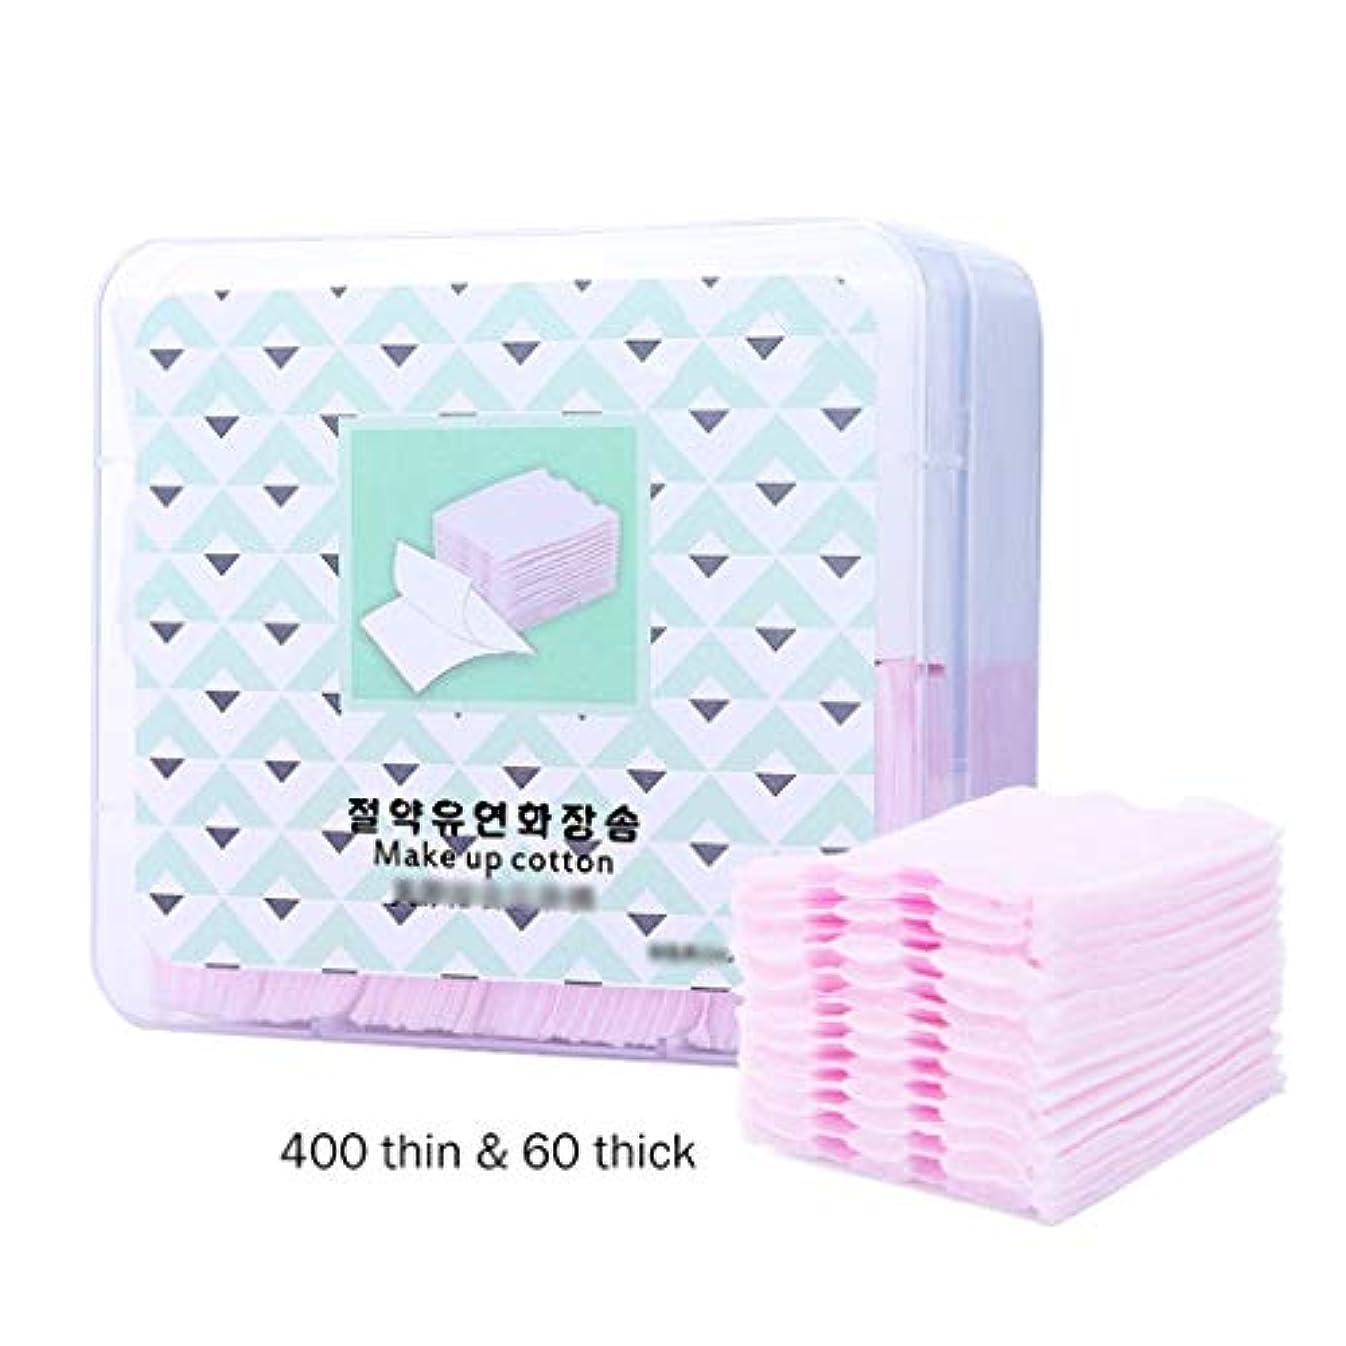 十分に手足リンケージクレンジングシート 460ピース化粧コットンパッド再利用可能な有機ネイルコットンワイプフェイシャルティッシュメイクアップリムーバーワイプネイルナプキンホルダーボックス (Color : Pink+White)